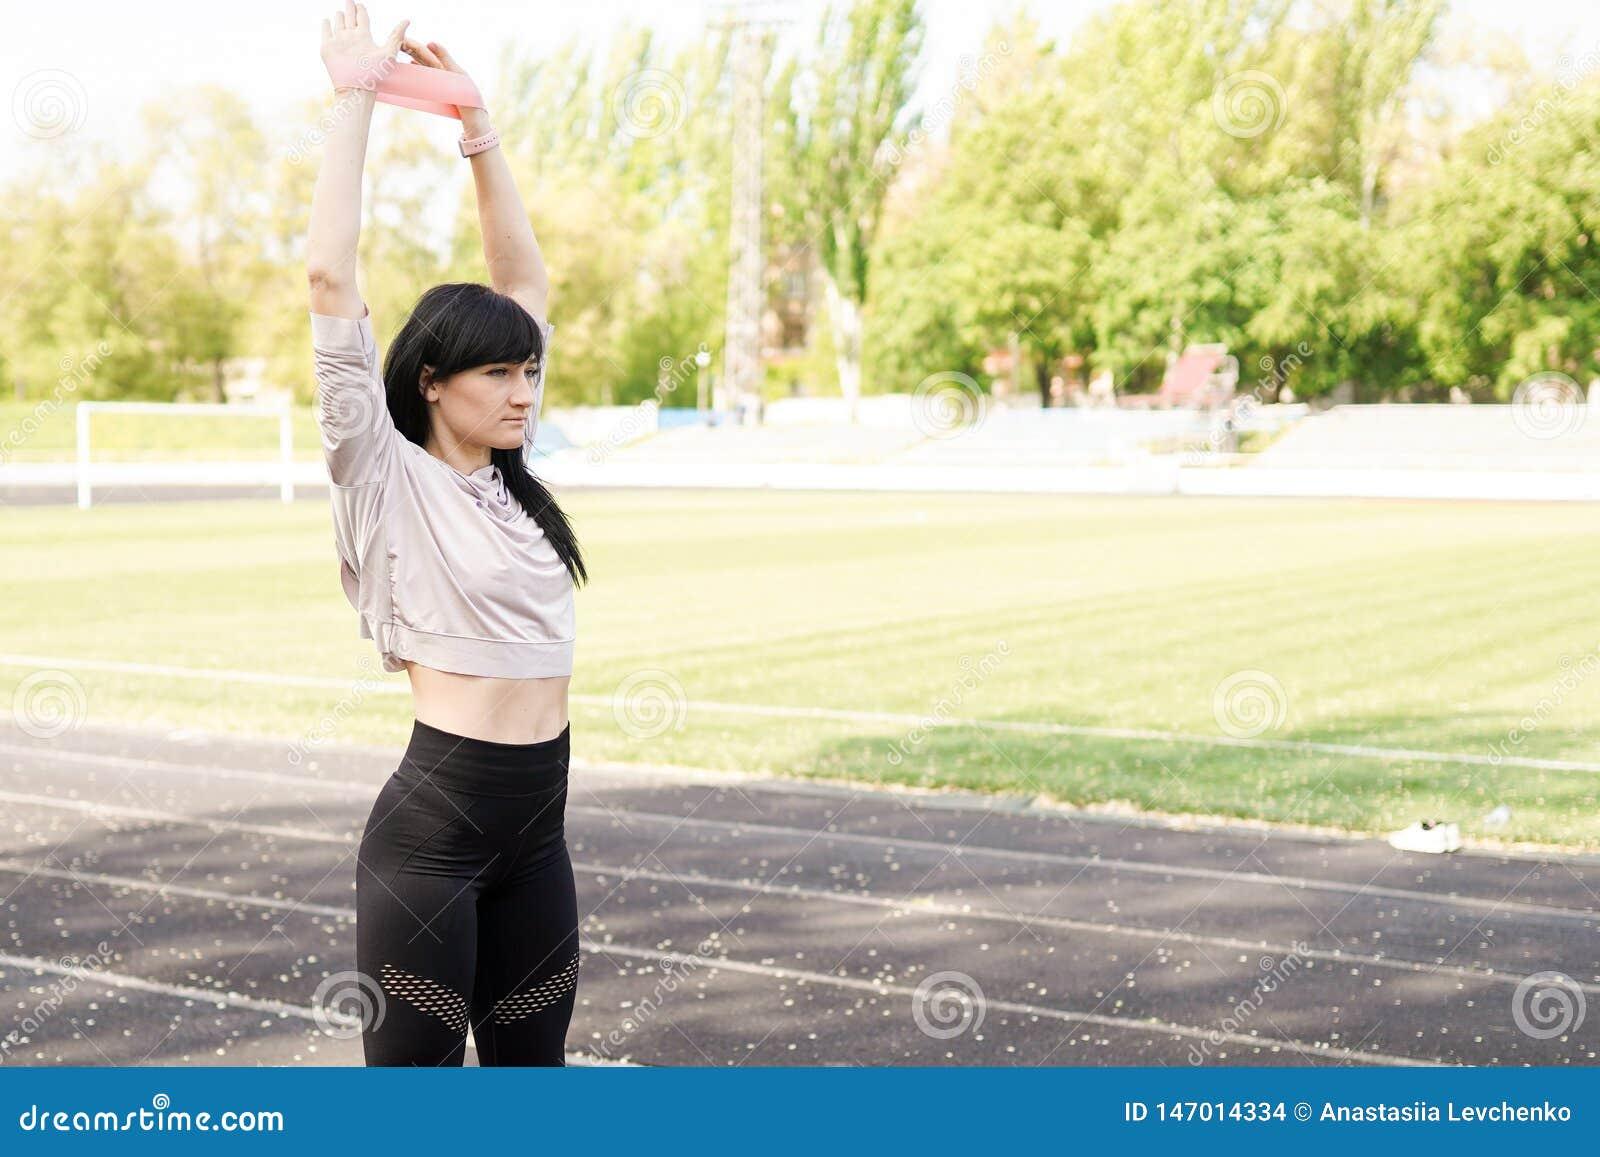 Предпосылка спорта с космосом экземпляра спортсмен женщины делая тренировки outdoors concept healthy lifestyle